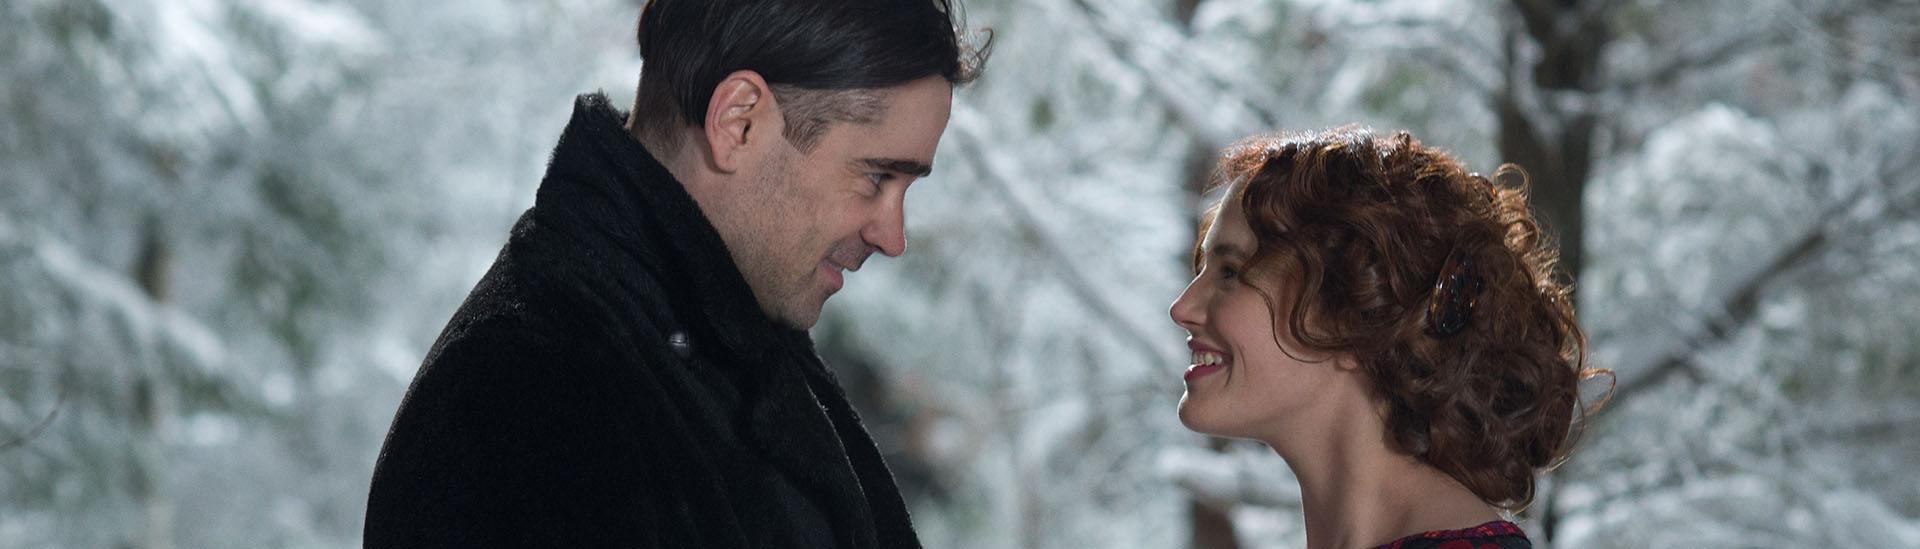 Baner filmu 'Zimowa Opowieść'